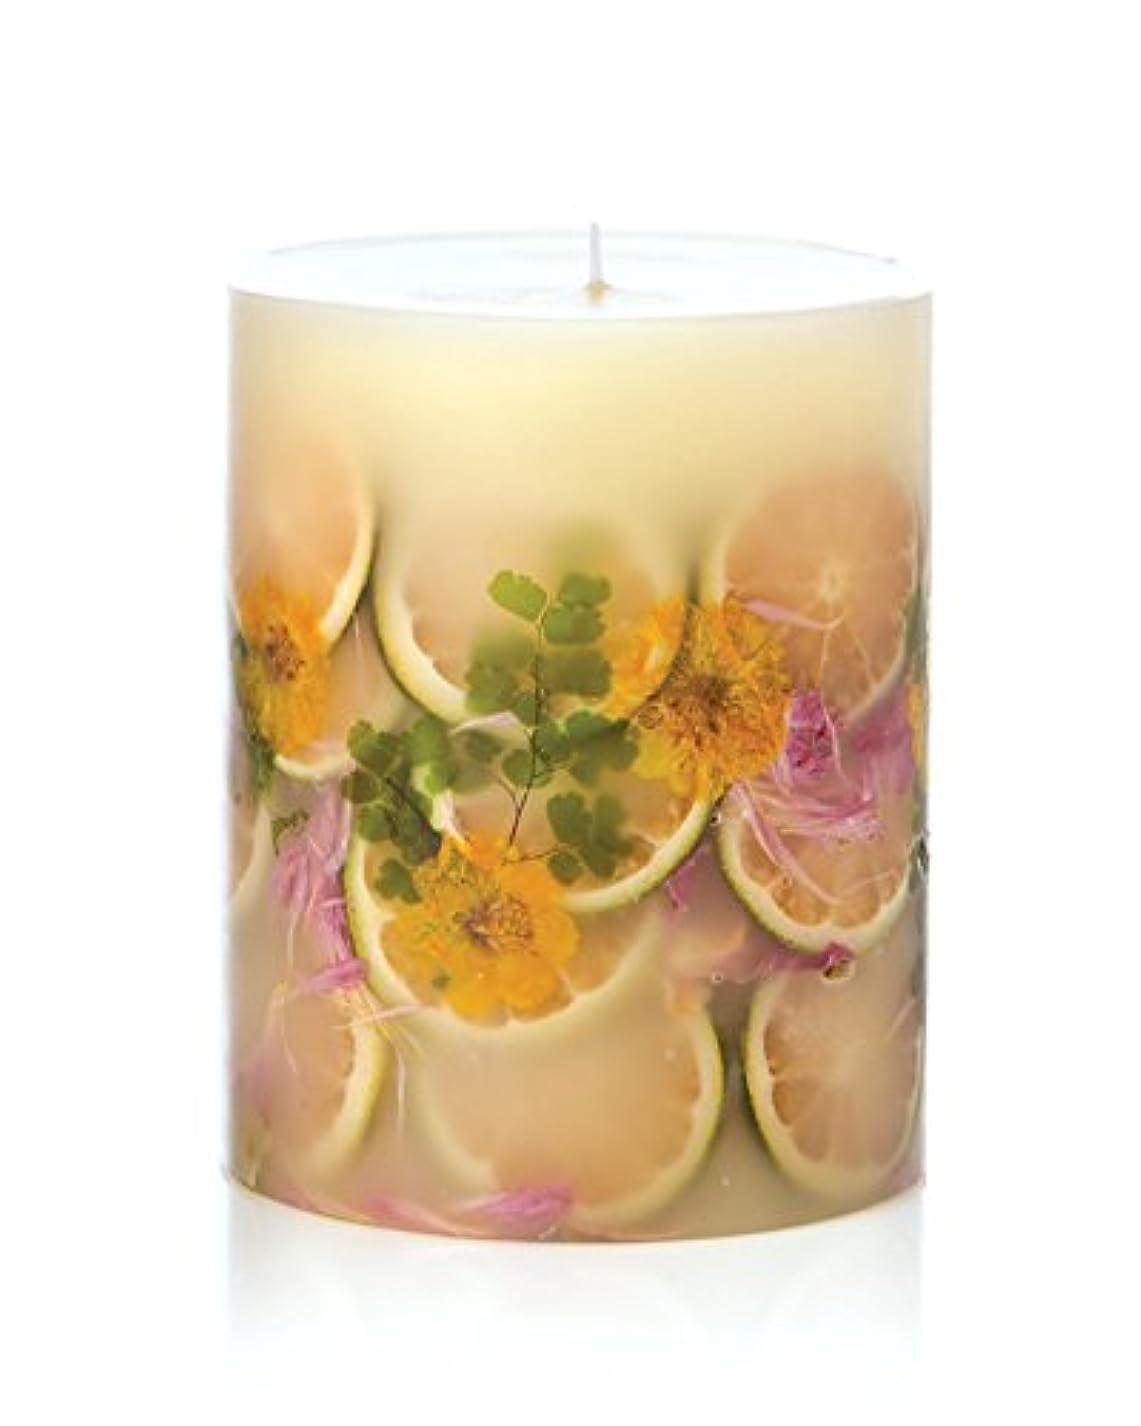 決定的布引数ロージーリングス ボタニカルキャンドル ラウンド レモンブロッサム&ライチ ROSY RINGS Round Botanical Candle Round – Lemon Blossom & Lychee